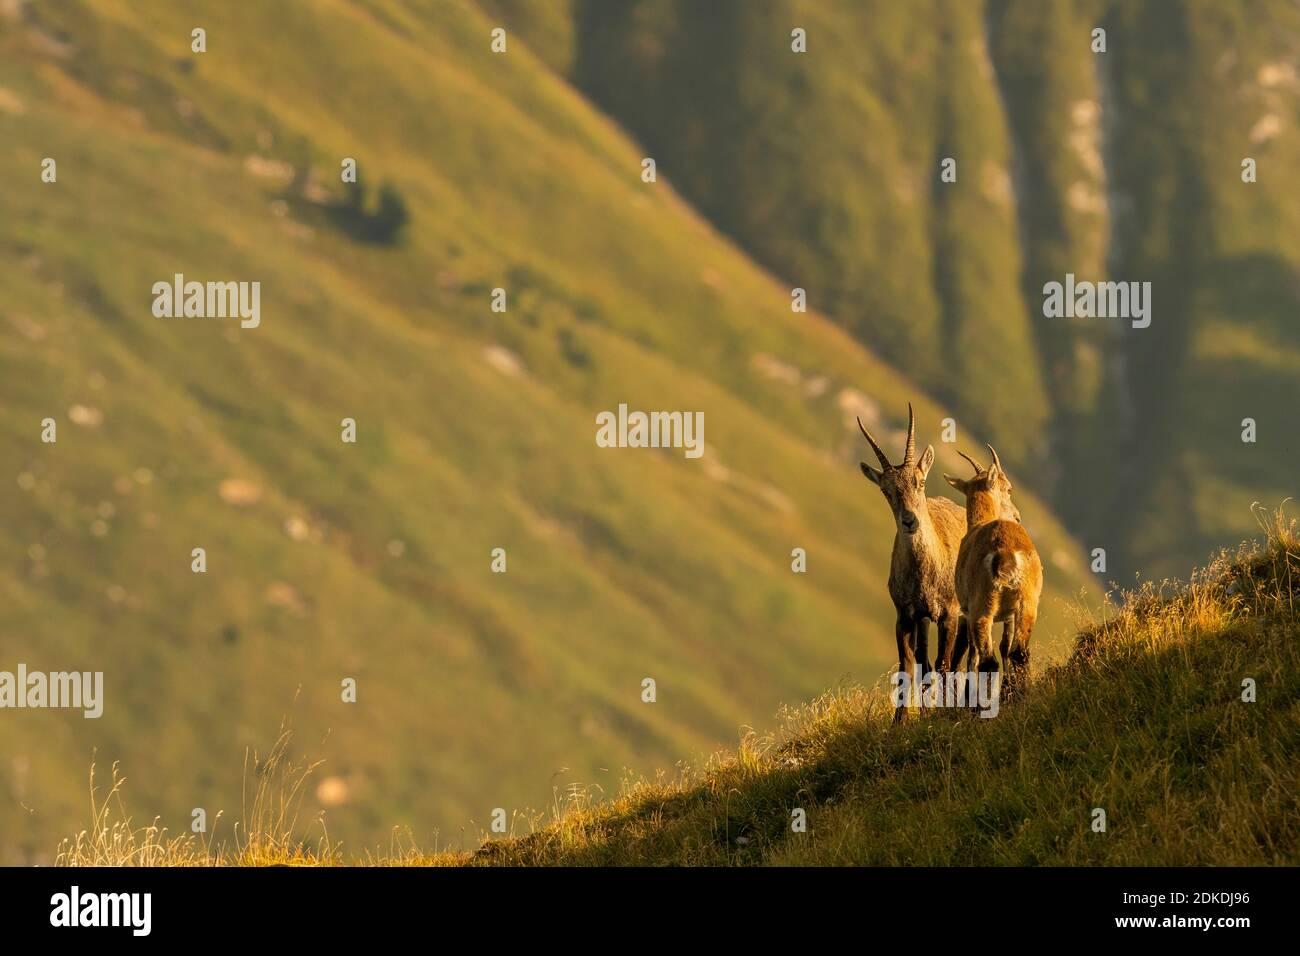 Dos mujeres ibex parecen estar profundamente en conversación, en la cálida luz de la mañana en un prado verde de montaña en el Karwendel. Foto de stock